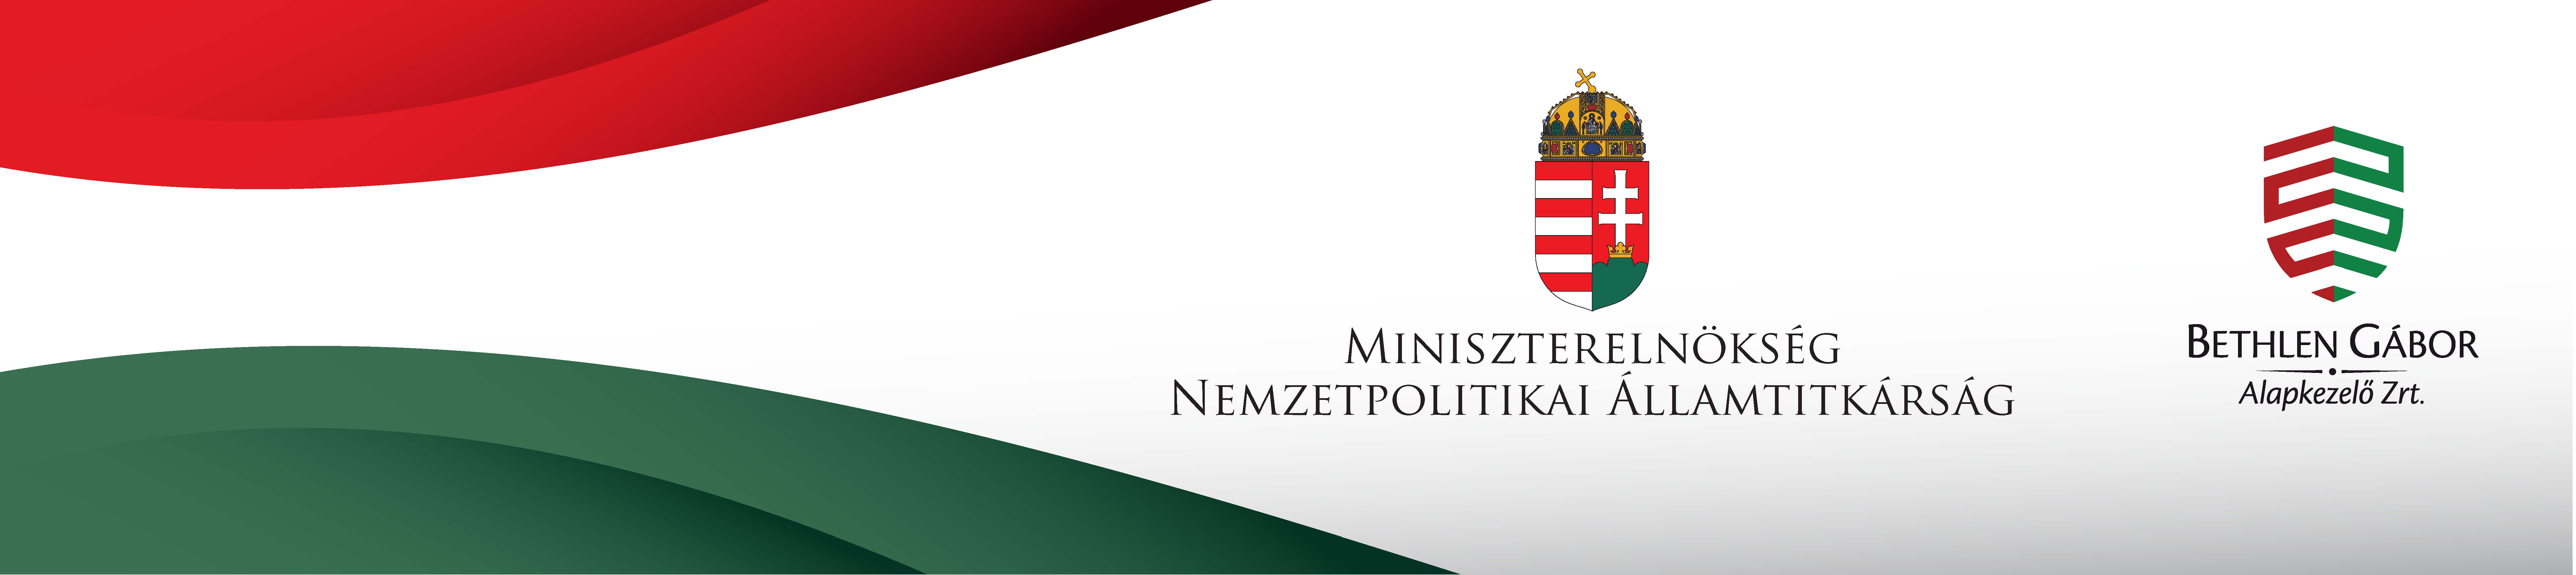 XXIX. Teleki Pál Kárpát-medencei Földrajz-Földtan Verseny<br>2020/2021 tanév<br>Versenykiírás